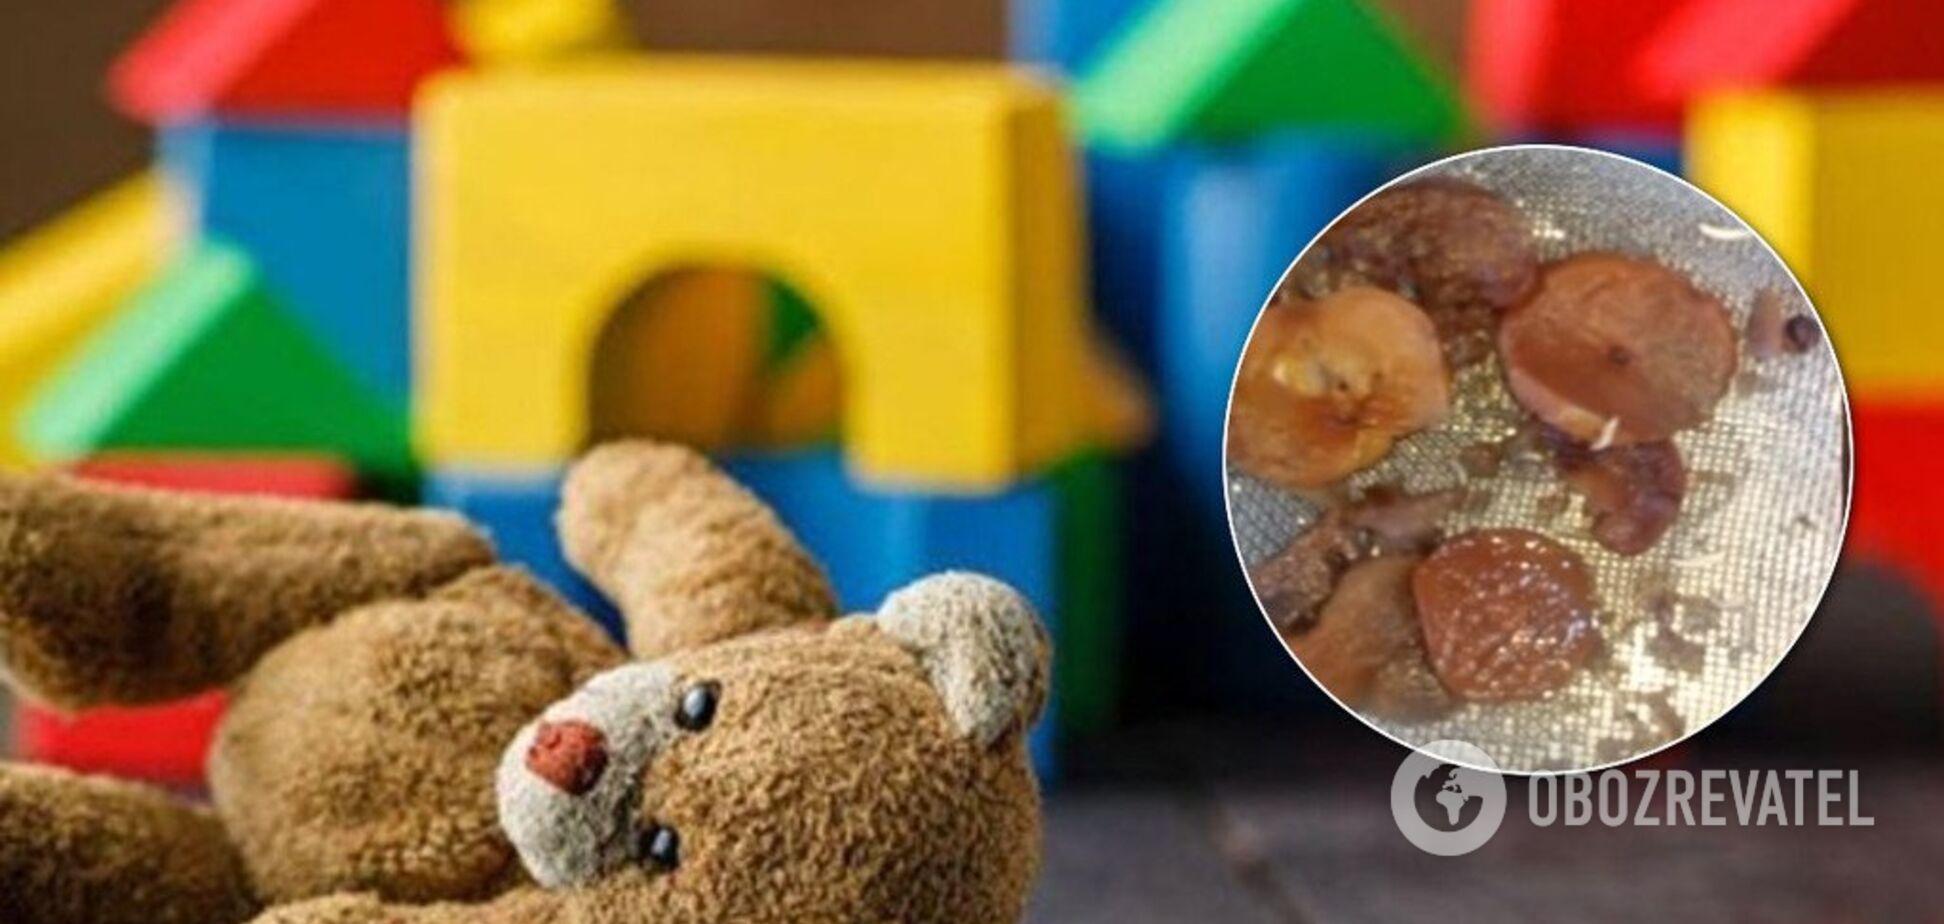 Руководство отрицает: в Черкасской области детей в садике кормили червяками